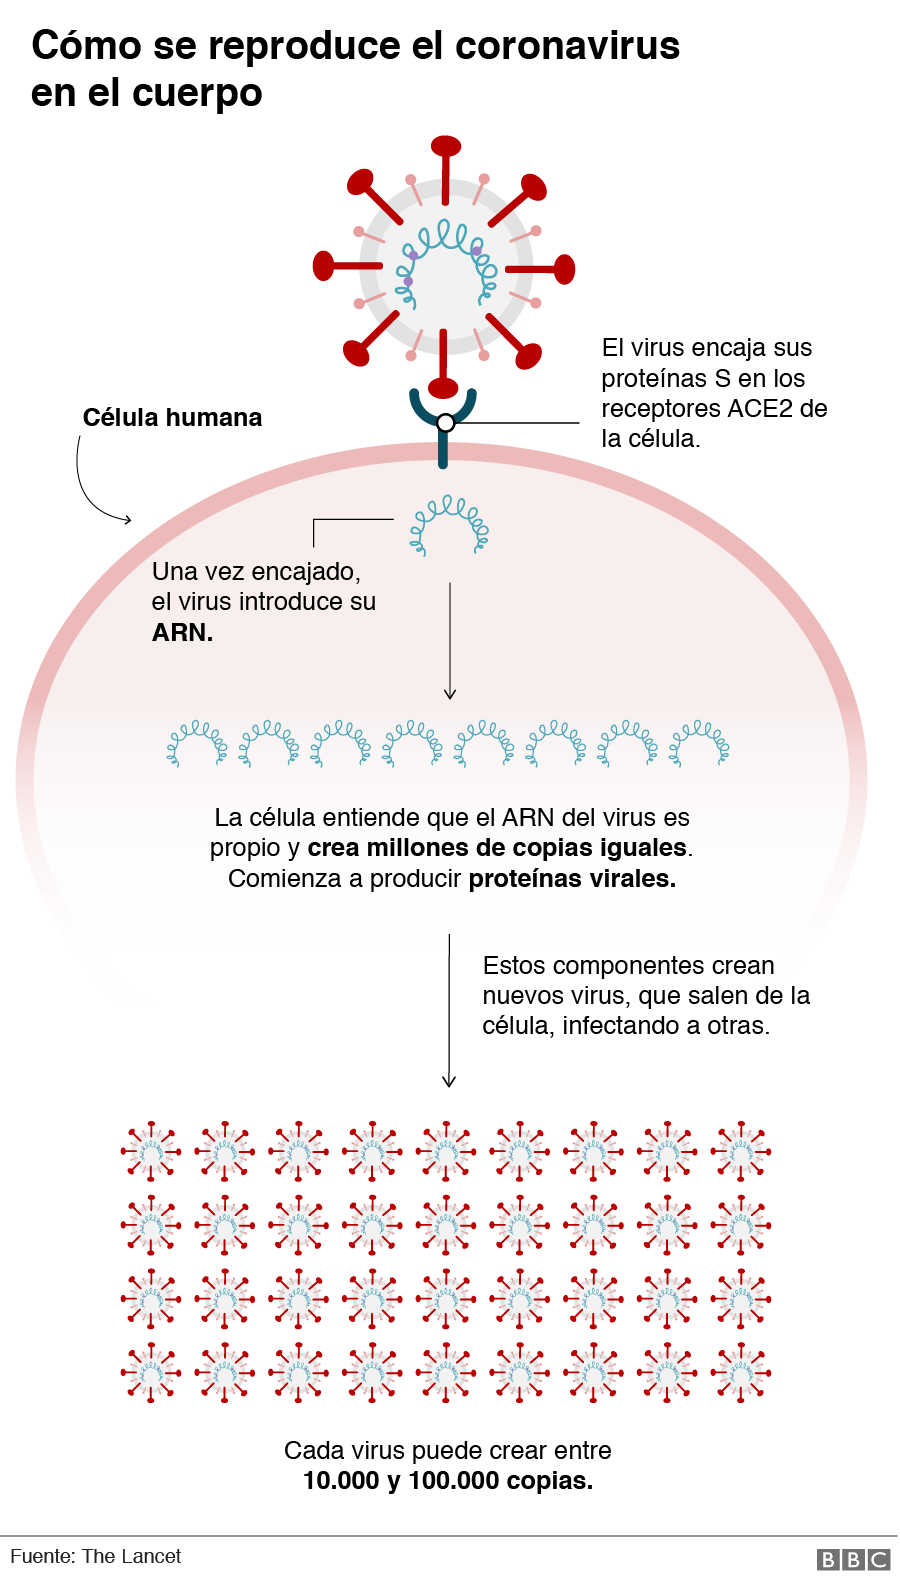 Gráfico de cómo se reproduce el coronavirus en el cuerpo.